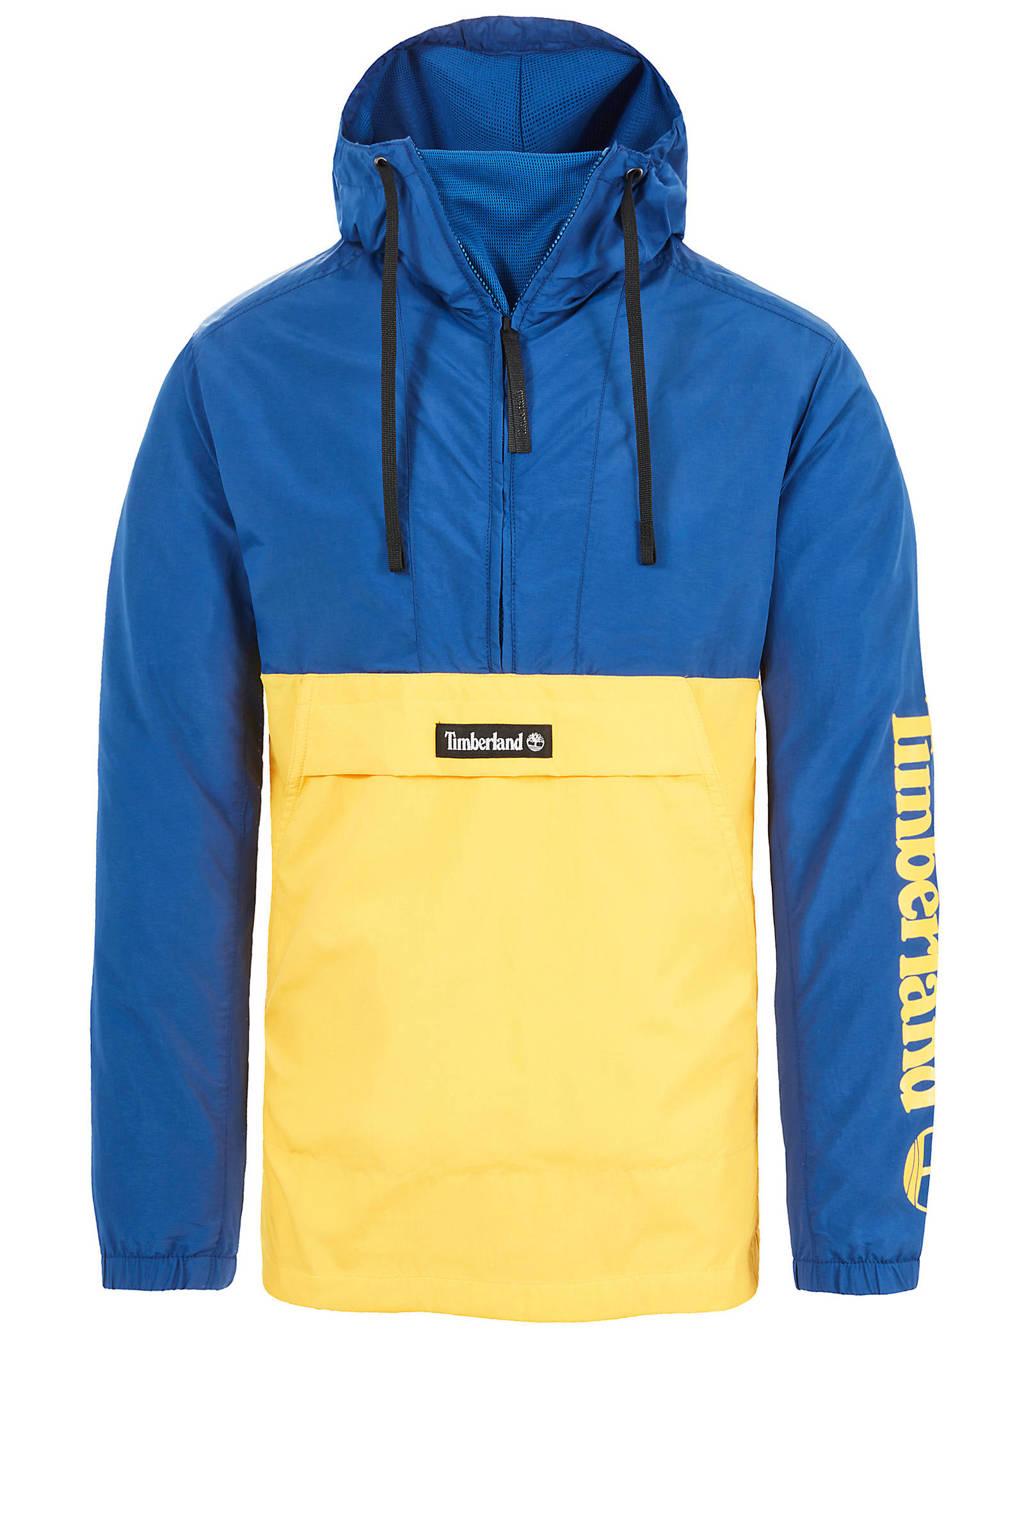 Timberland anorak blauw, Blauw/geel